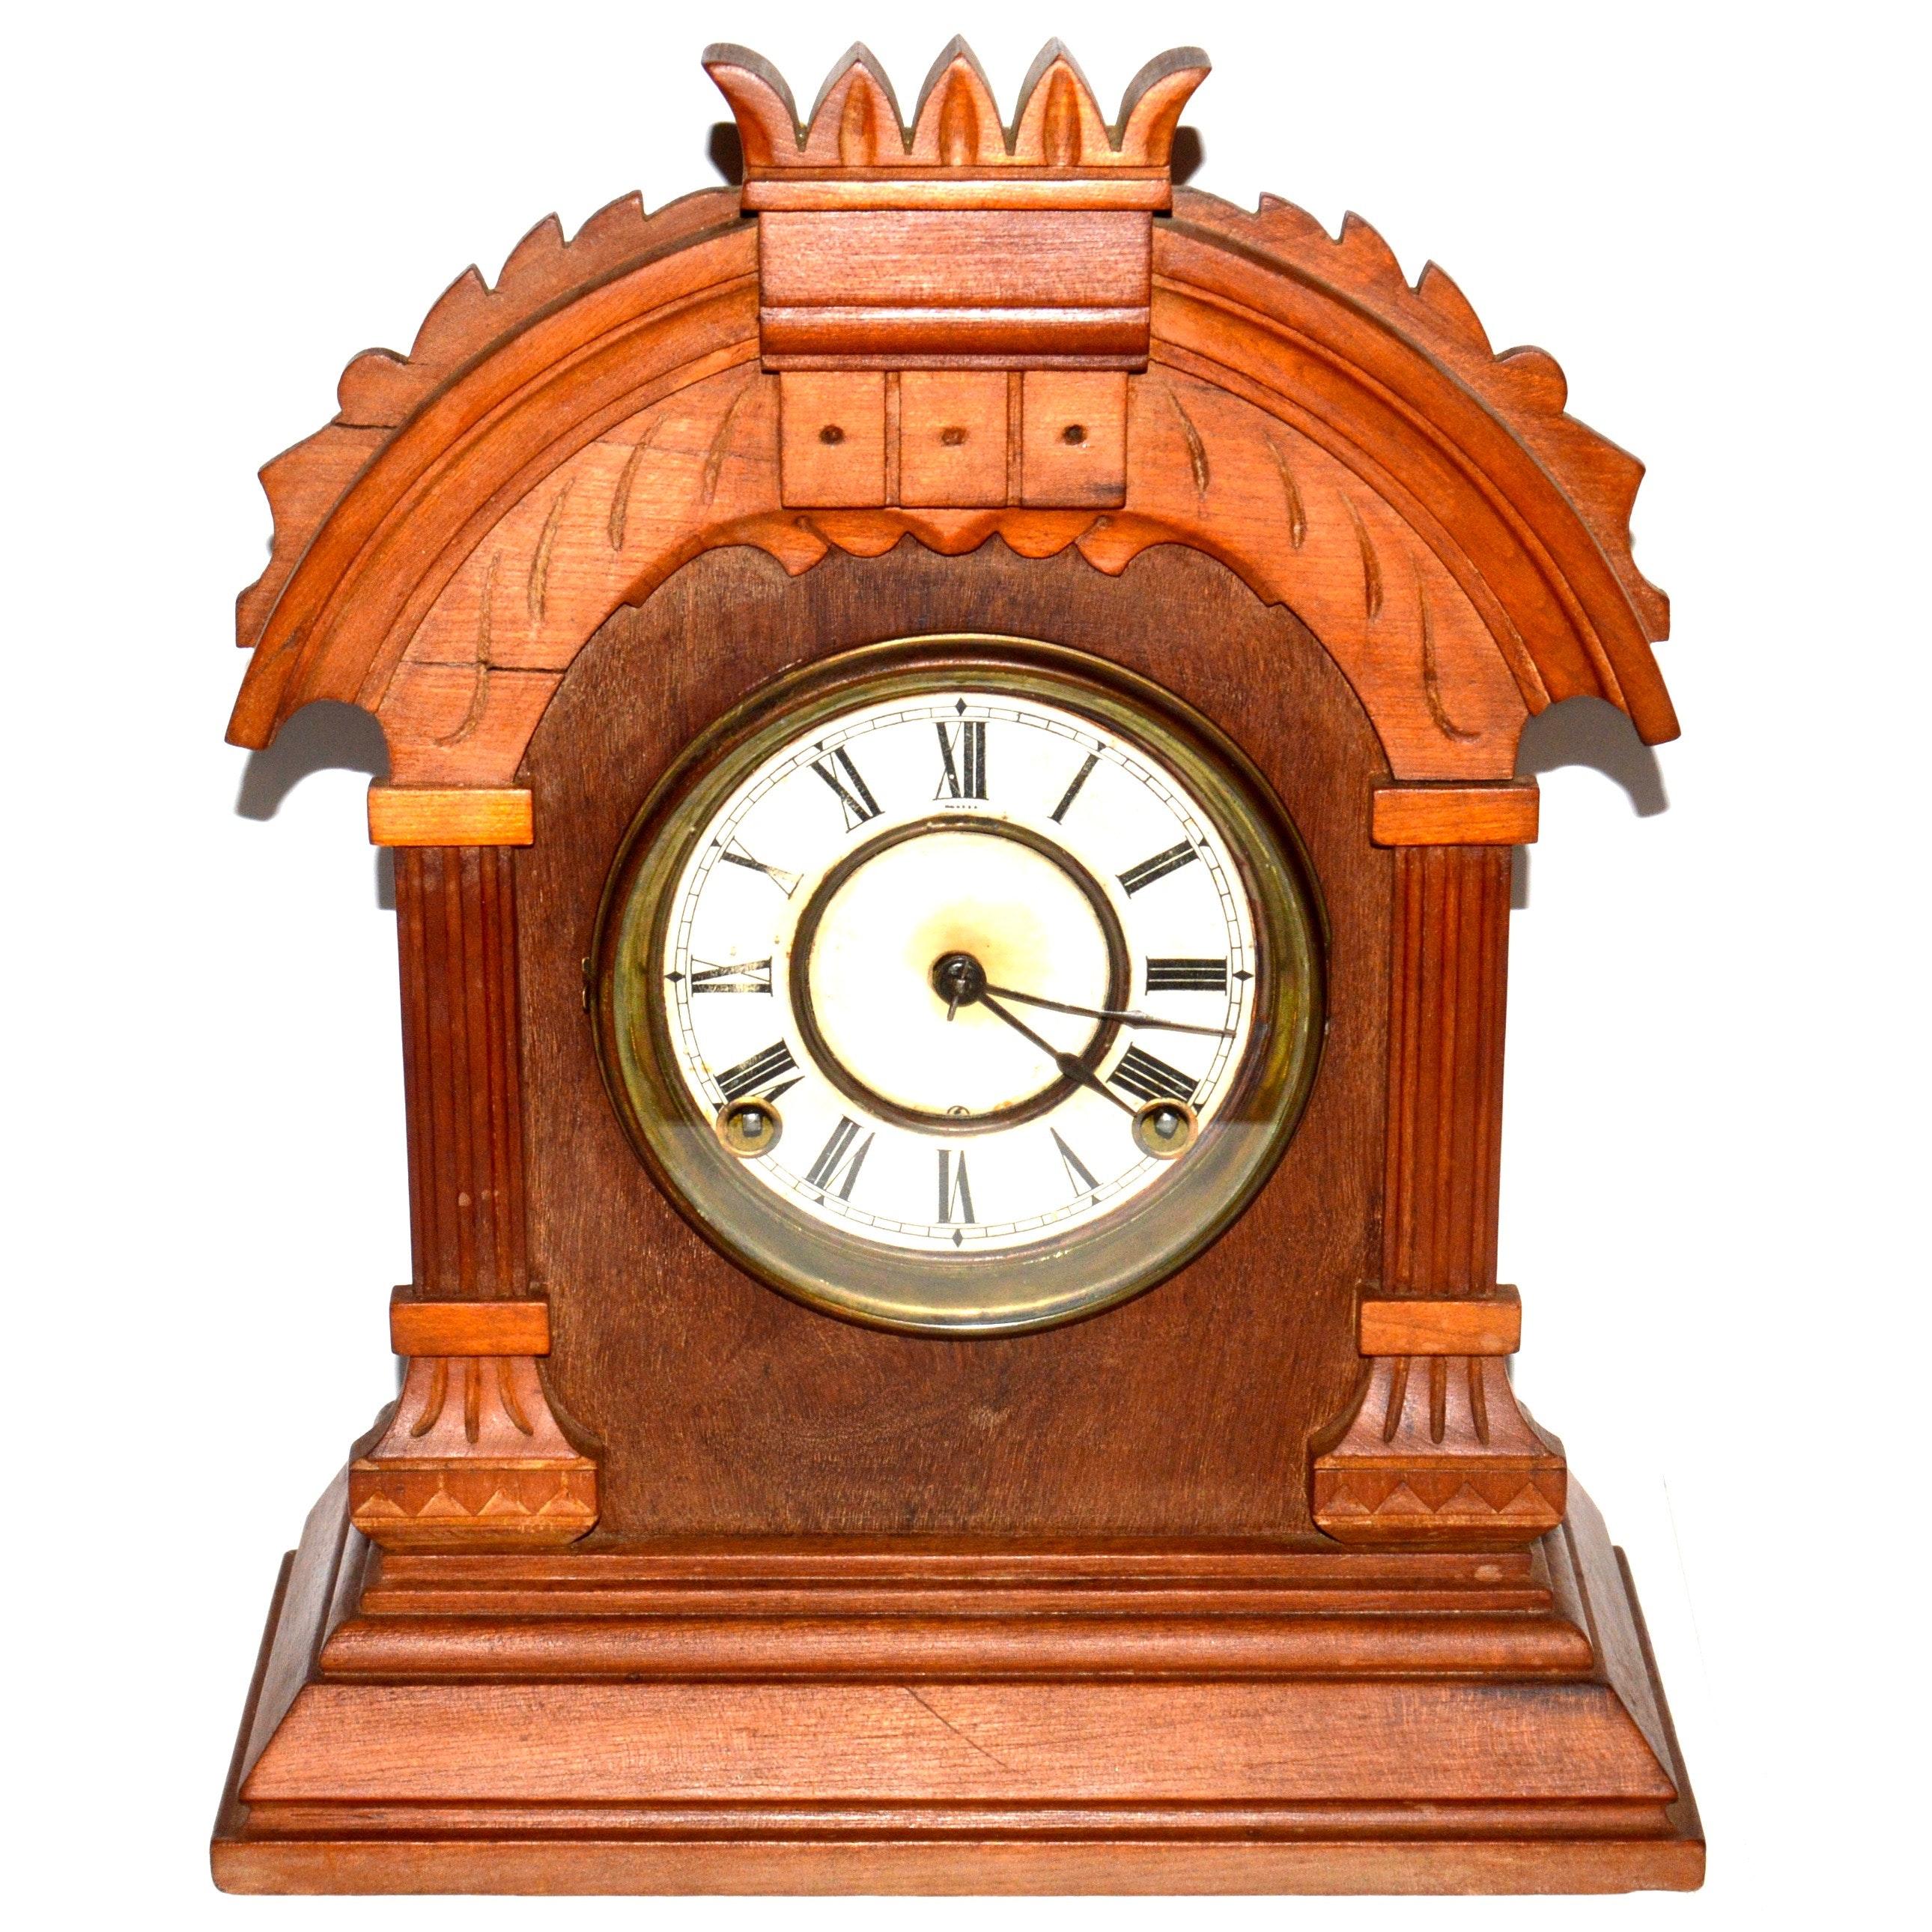 Vintage Carved Wooden Mantel Clock